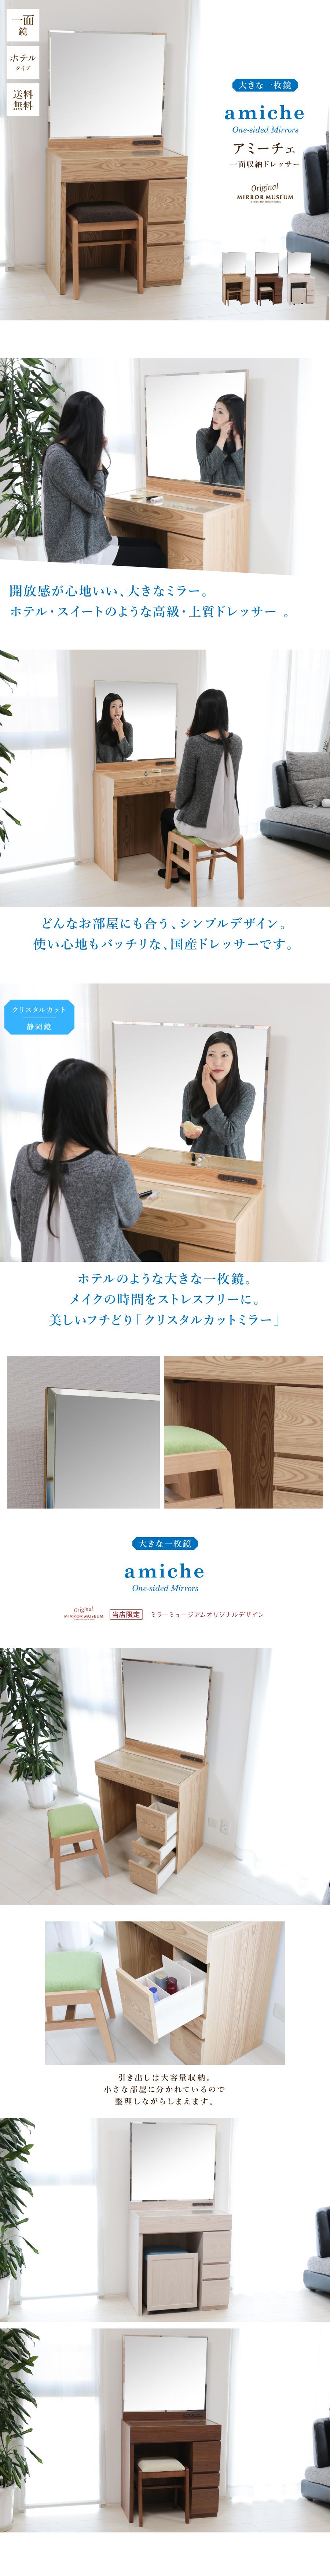 ホテルドレッサーモダン一面鏡